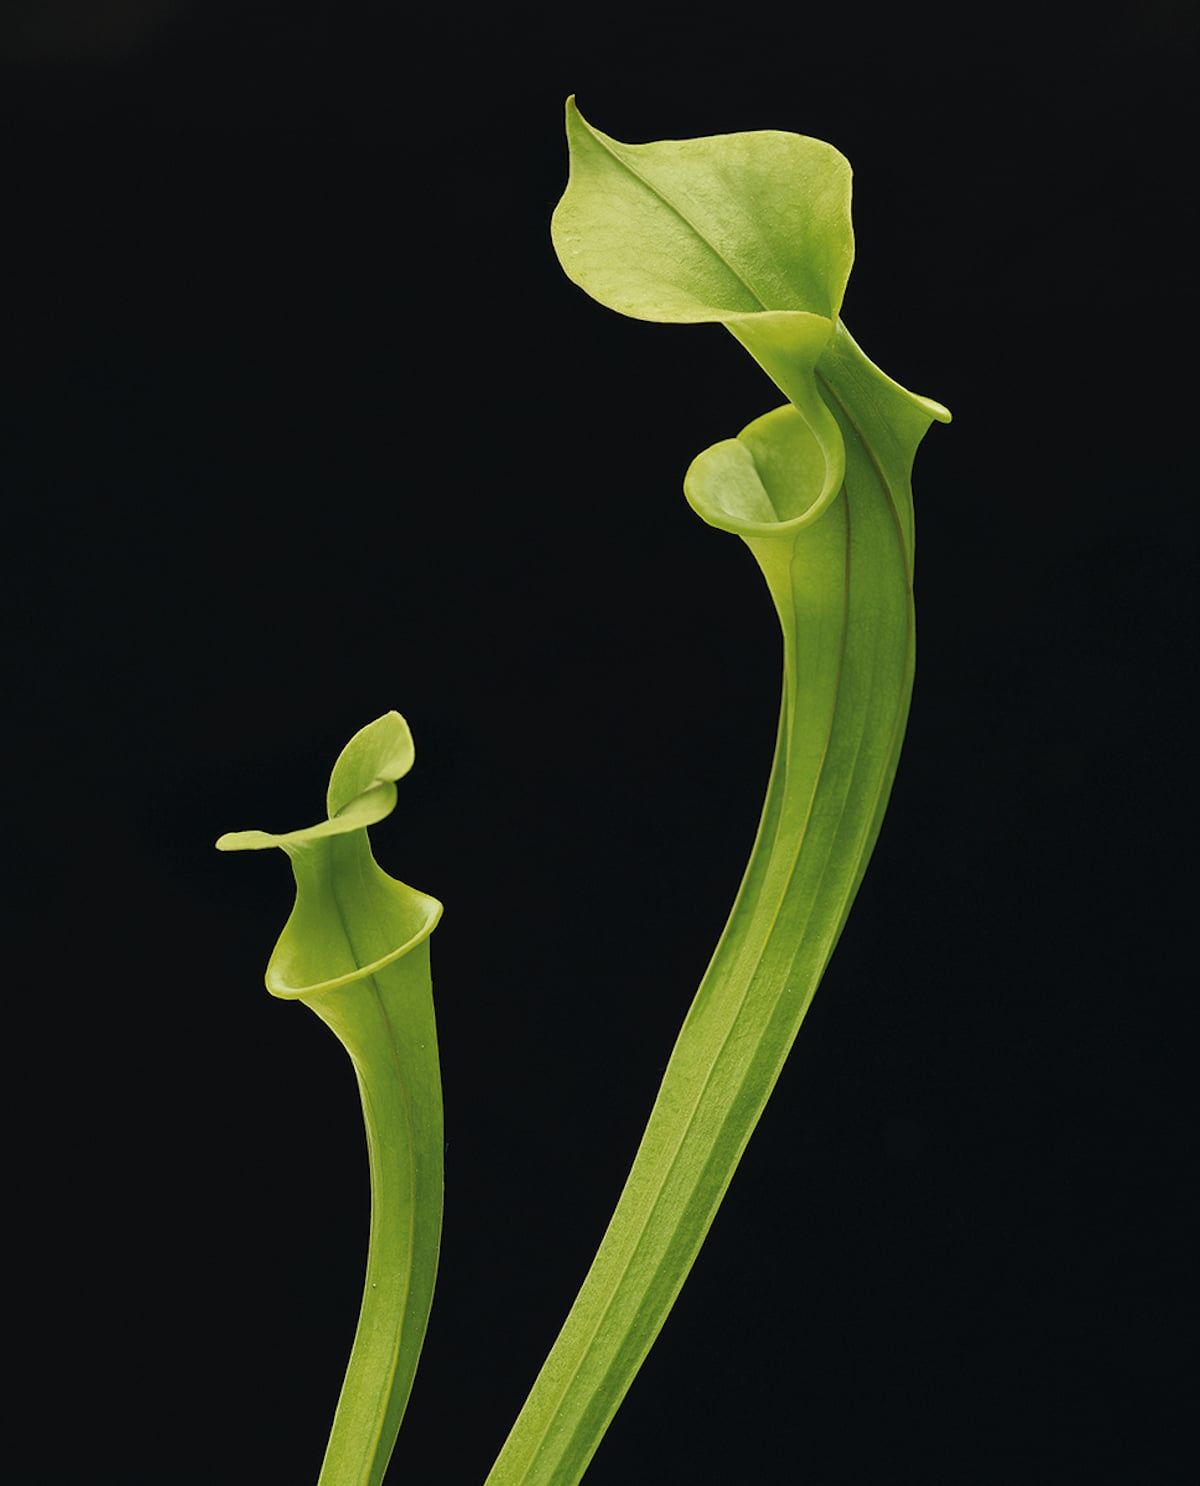 Саррацения жёлтая, эндемик США